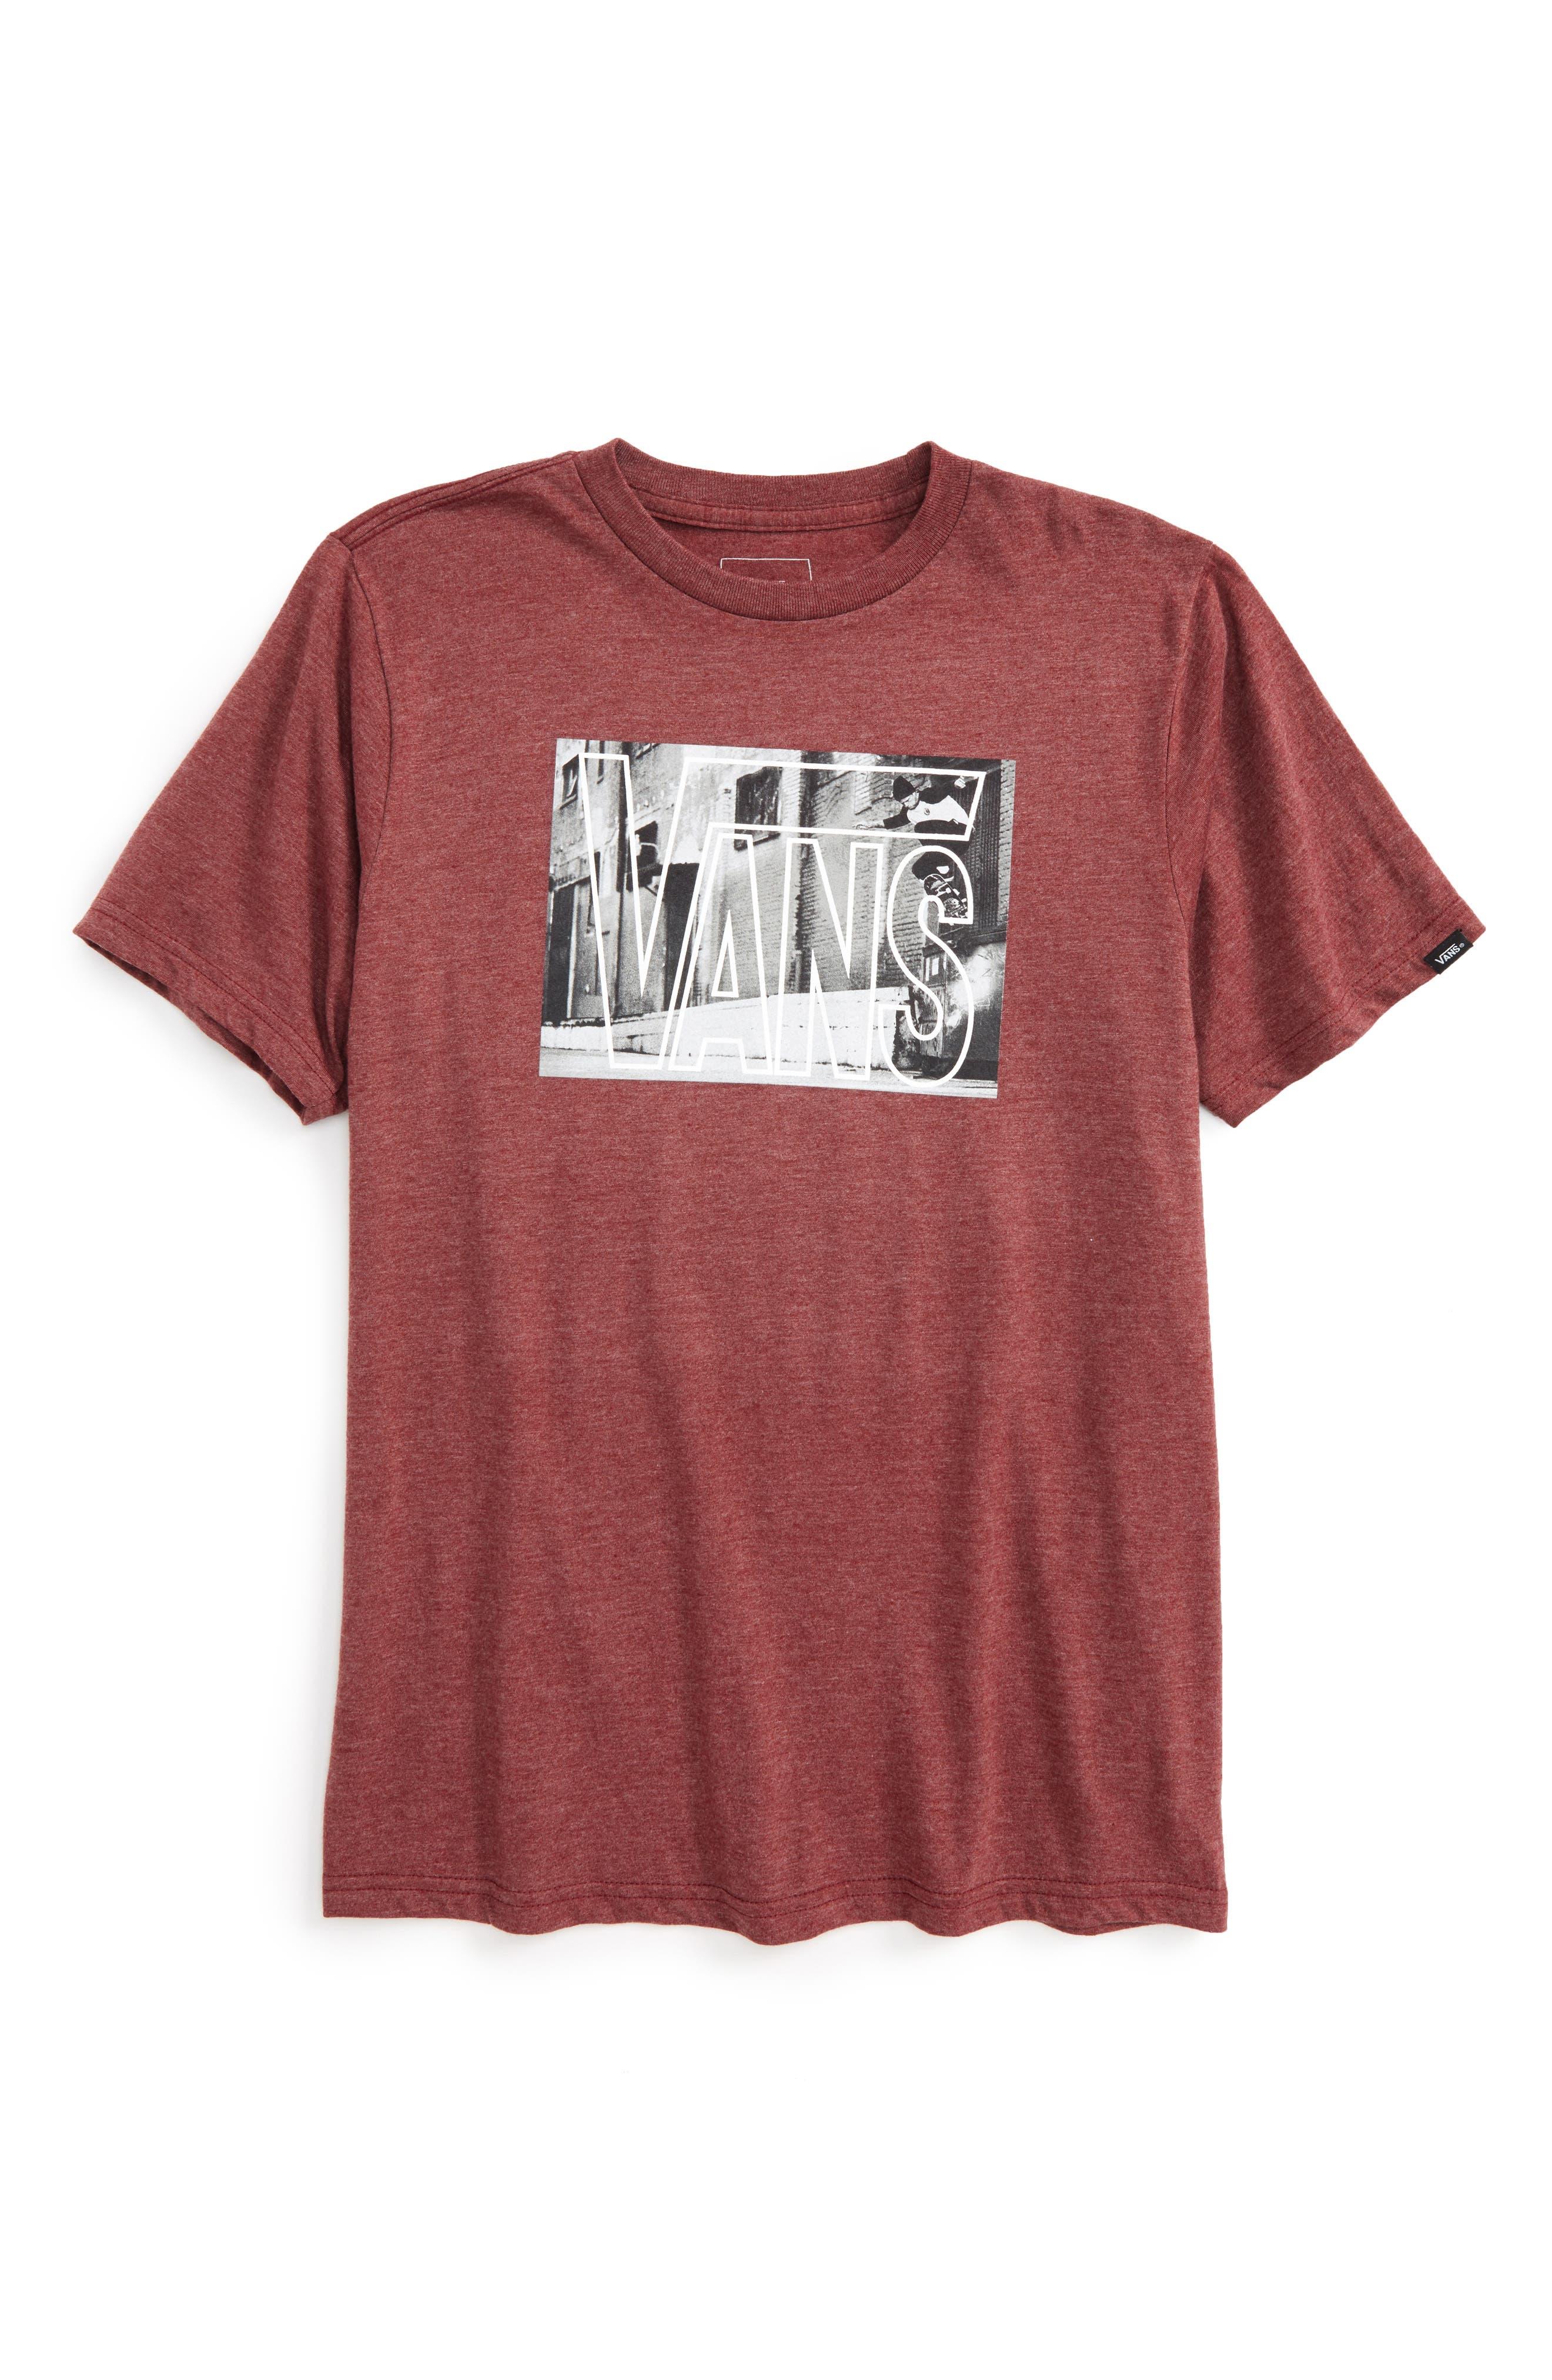 Vans Mixed Media Graphic T-Shirt (Big Boys)